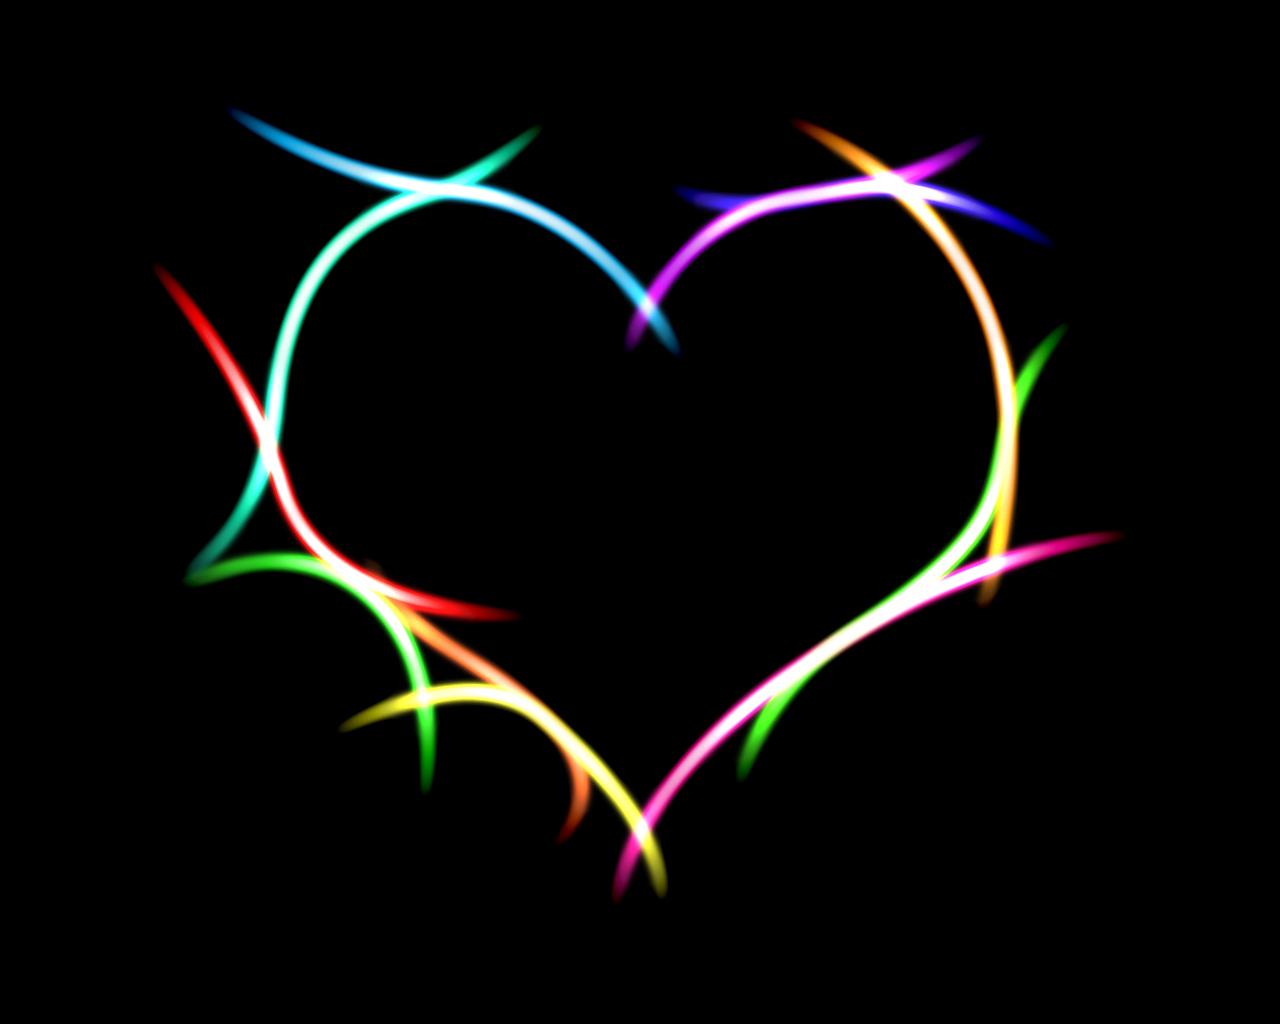 http://2.bp.blogspot.com/-pod7af9ePVg/Tg02Dr7tgAI/AAAAAAAAC7I/xG-E9-emCdU/s1600/104129%252Cxcitefun-heart-wallpapers-6.jpg